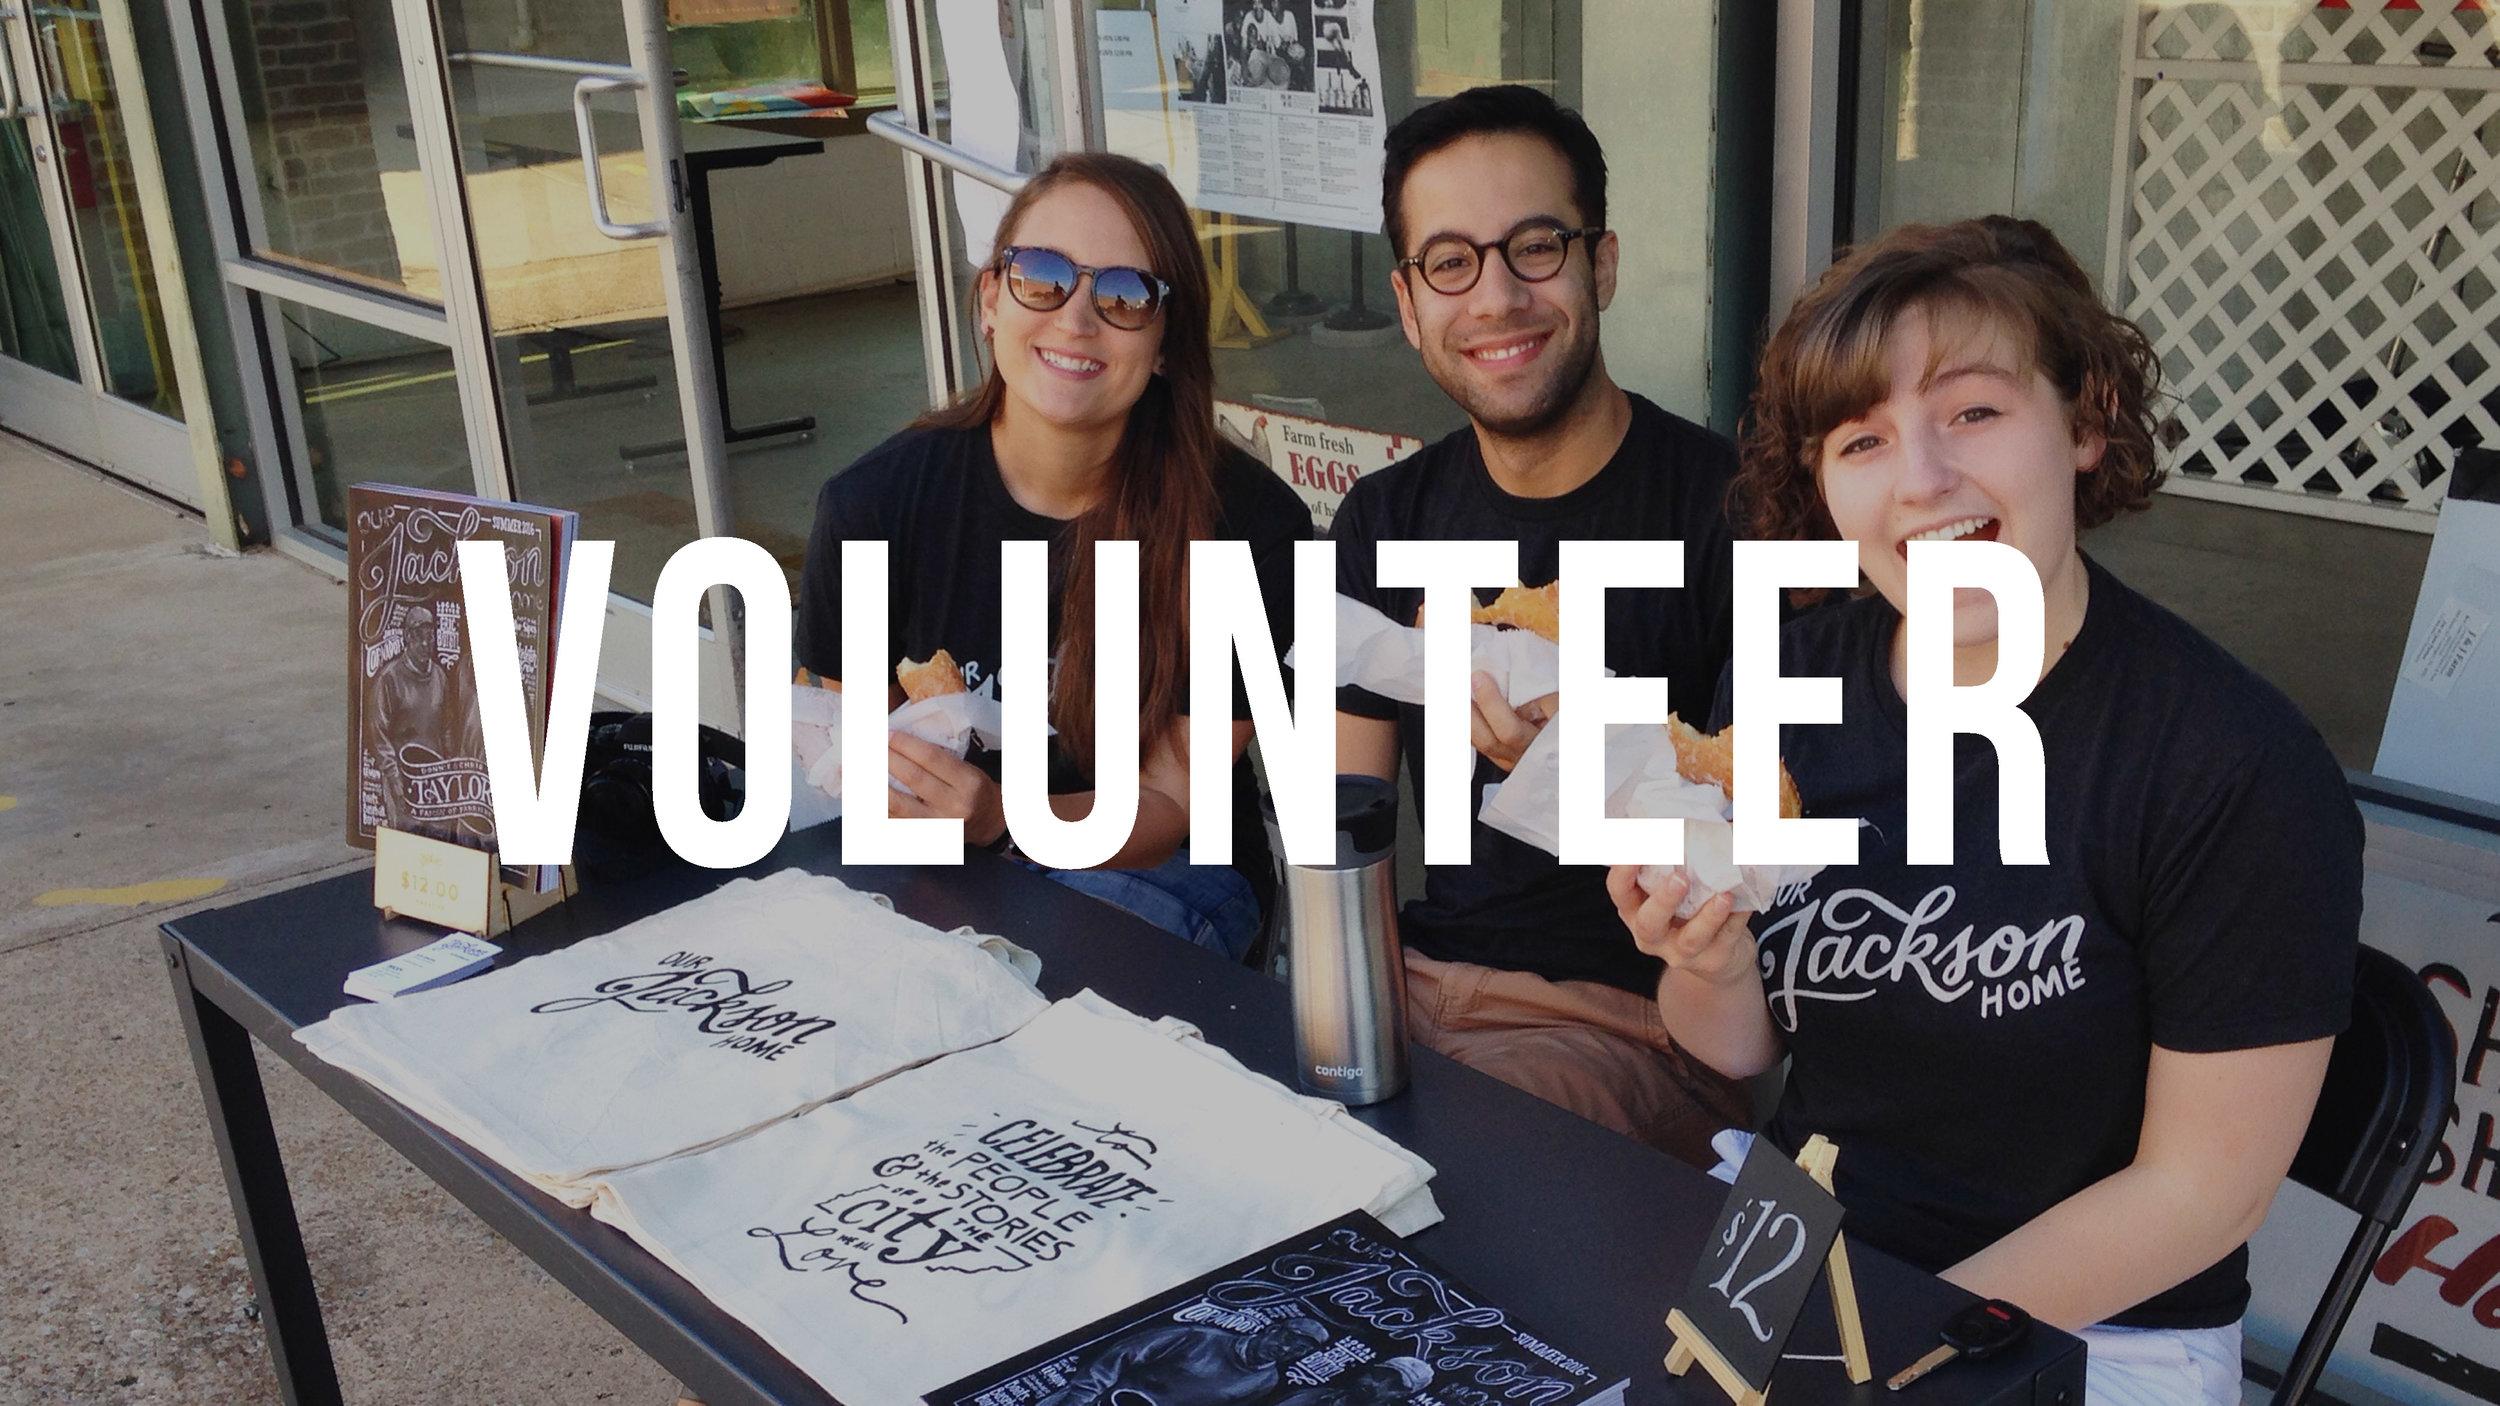 About_header_volunteer.jpg